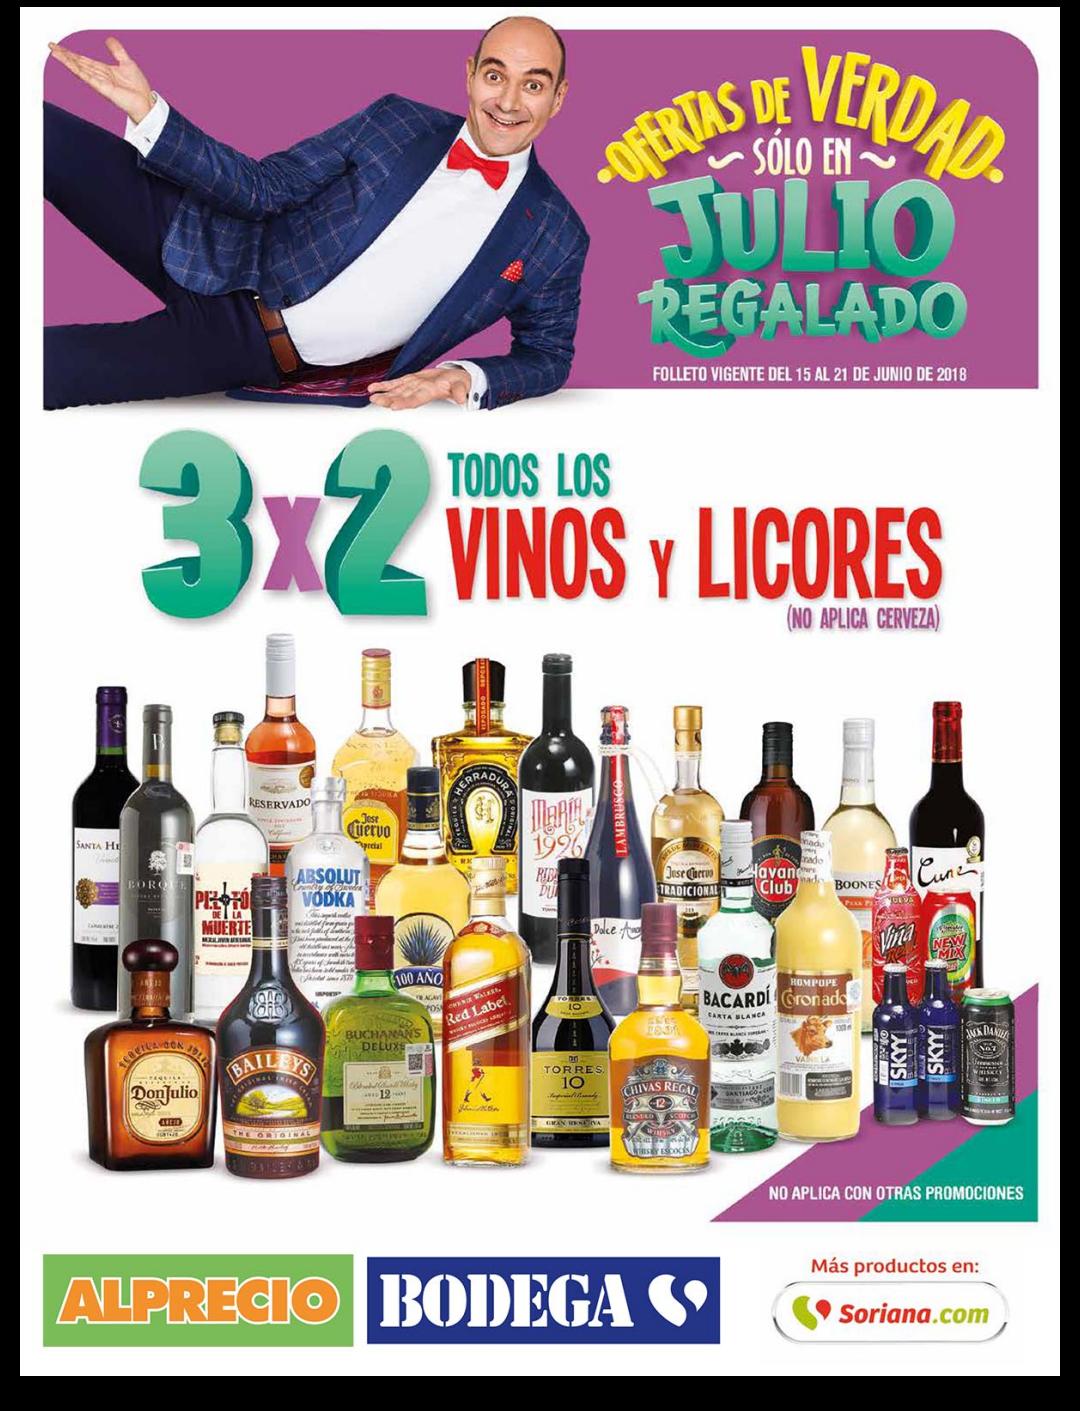 Julio Regalado 2018 en Soriana: Folleto Julio Regalado (15 - 21 de junio)